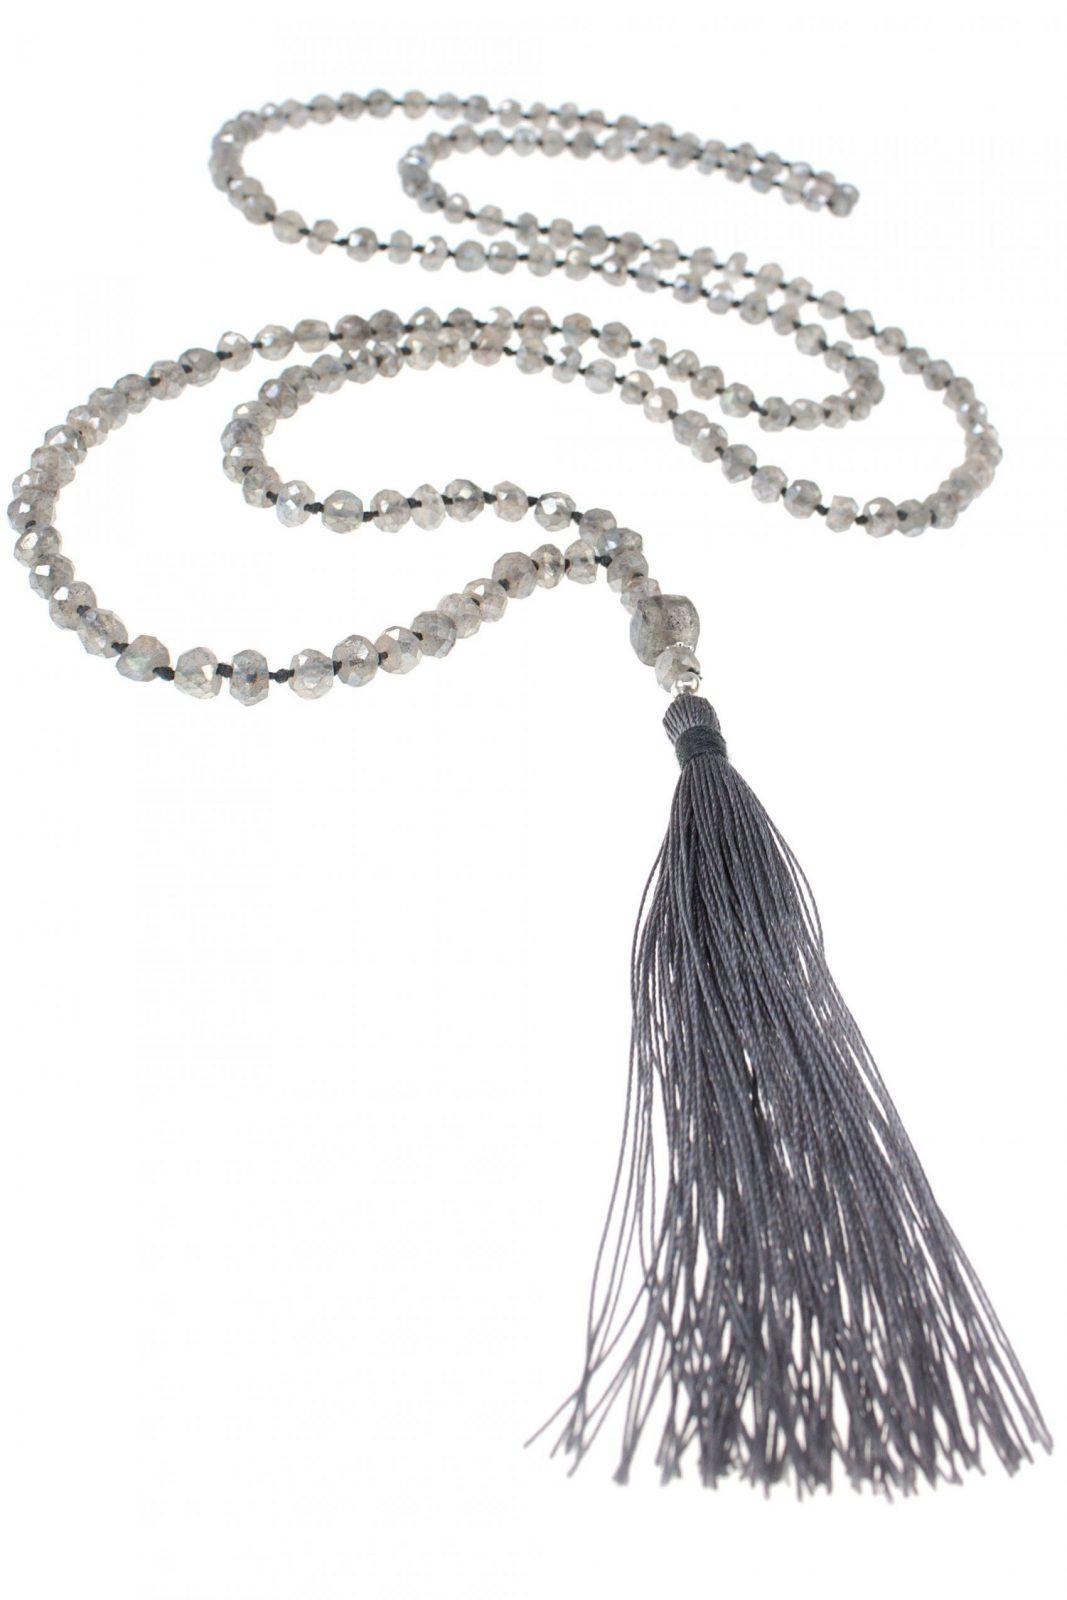 Tassel Kette Labradorit Quaste Grau Silber von Lange Kette Mit Quaste Photo